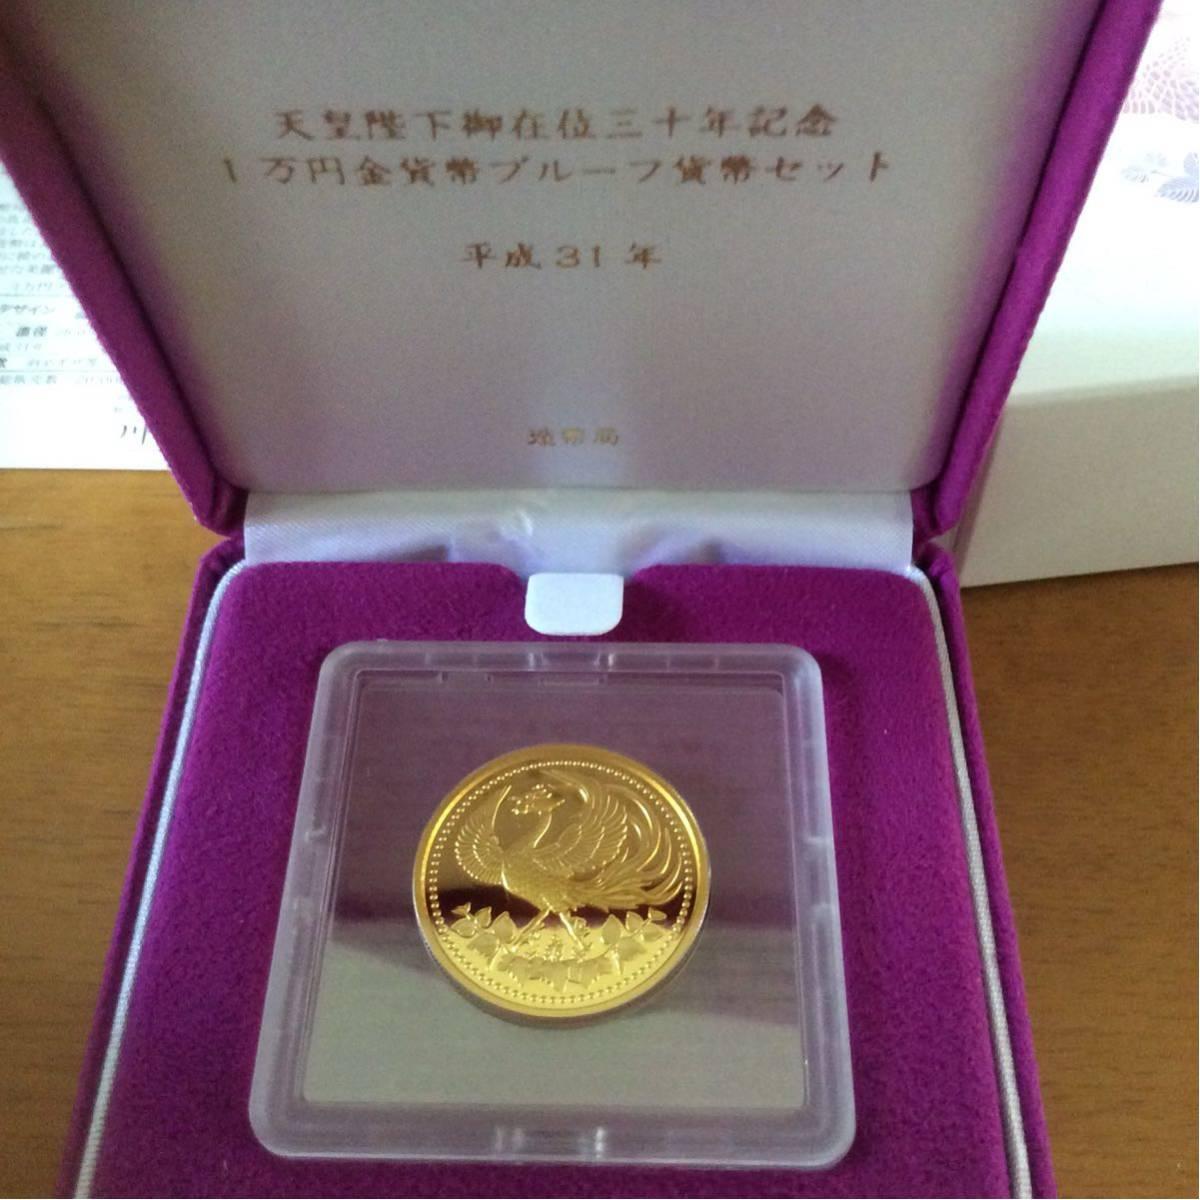 天皇陛下御在位30年記念金貨セットプルーフ貨幣セット一万円記念金貨セット_画像5